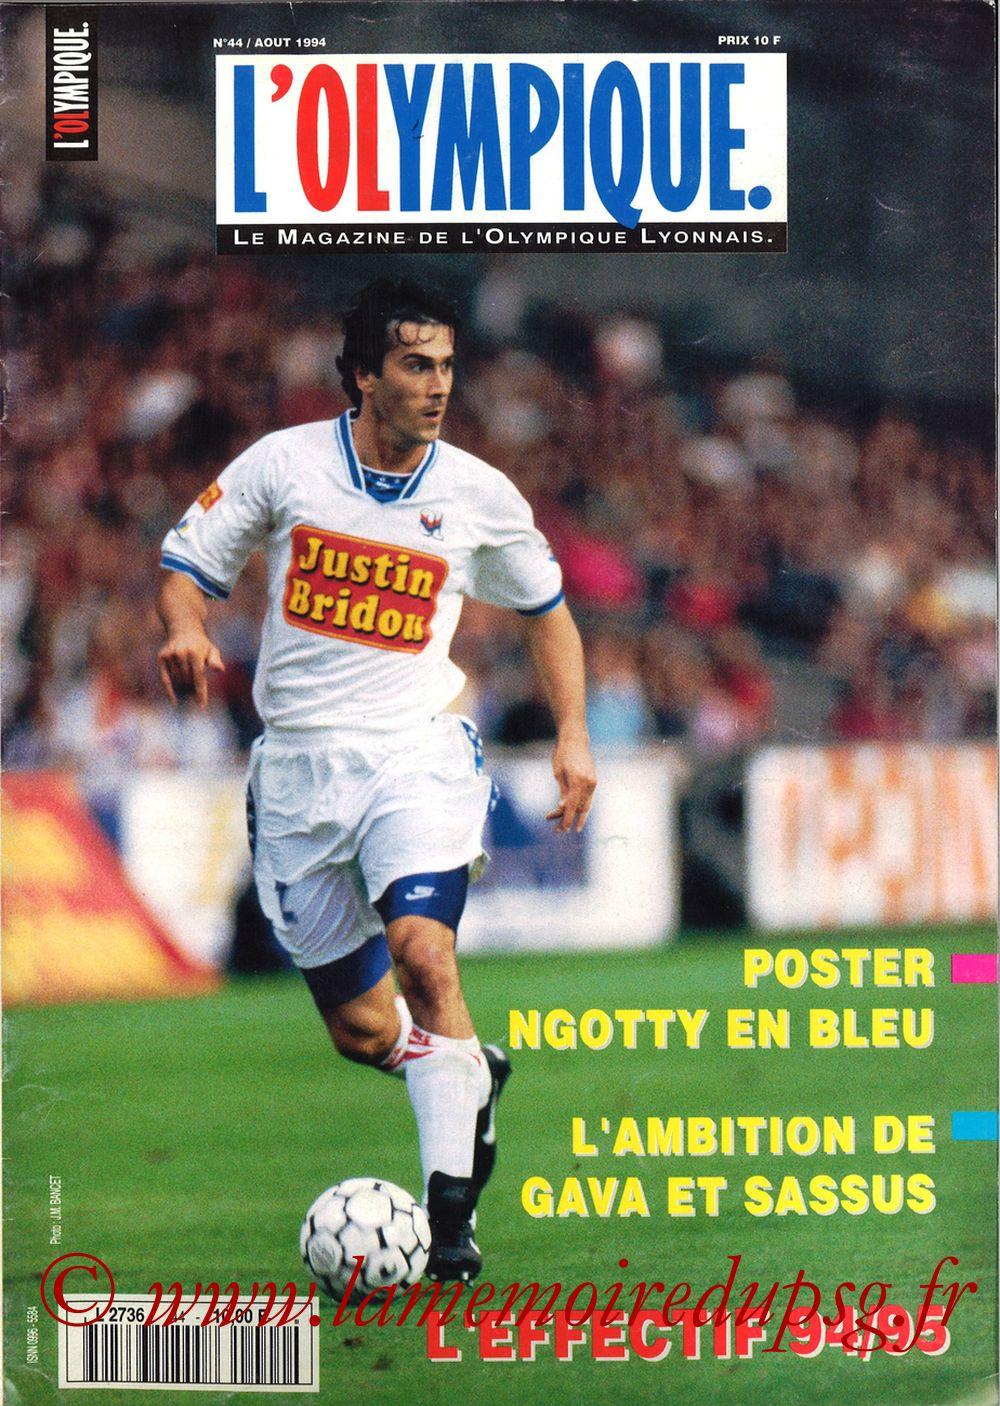 1994-09-17  Lyon-PSG (9ème D1, L'Olympique N°44)